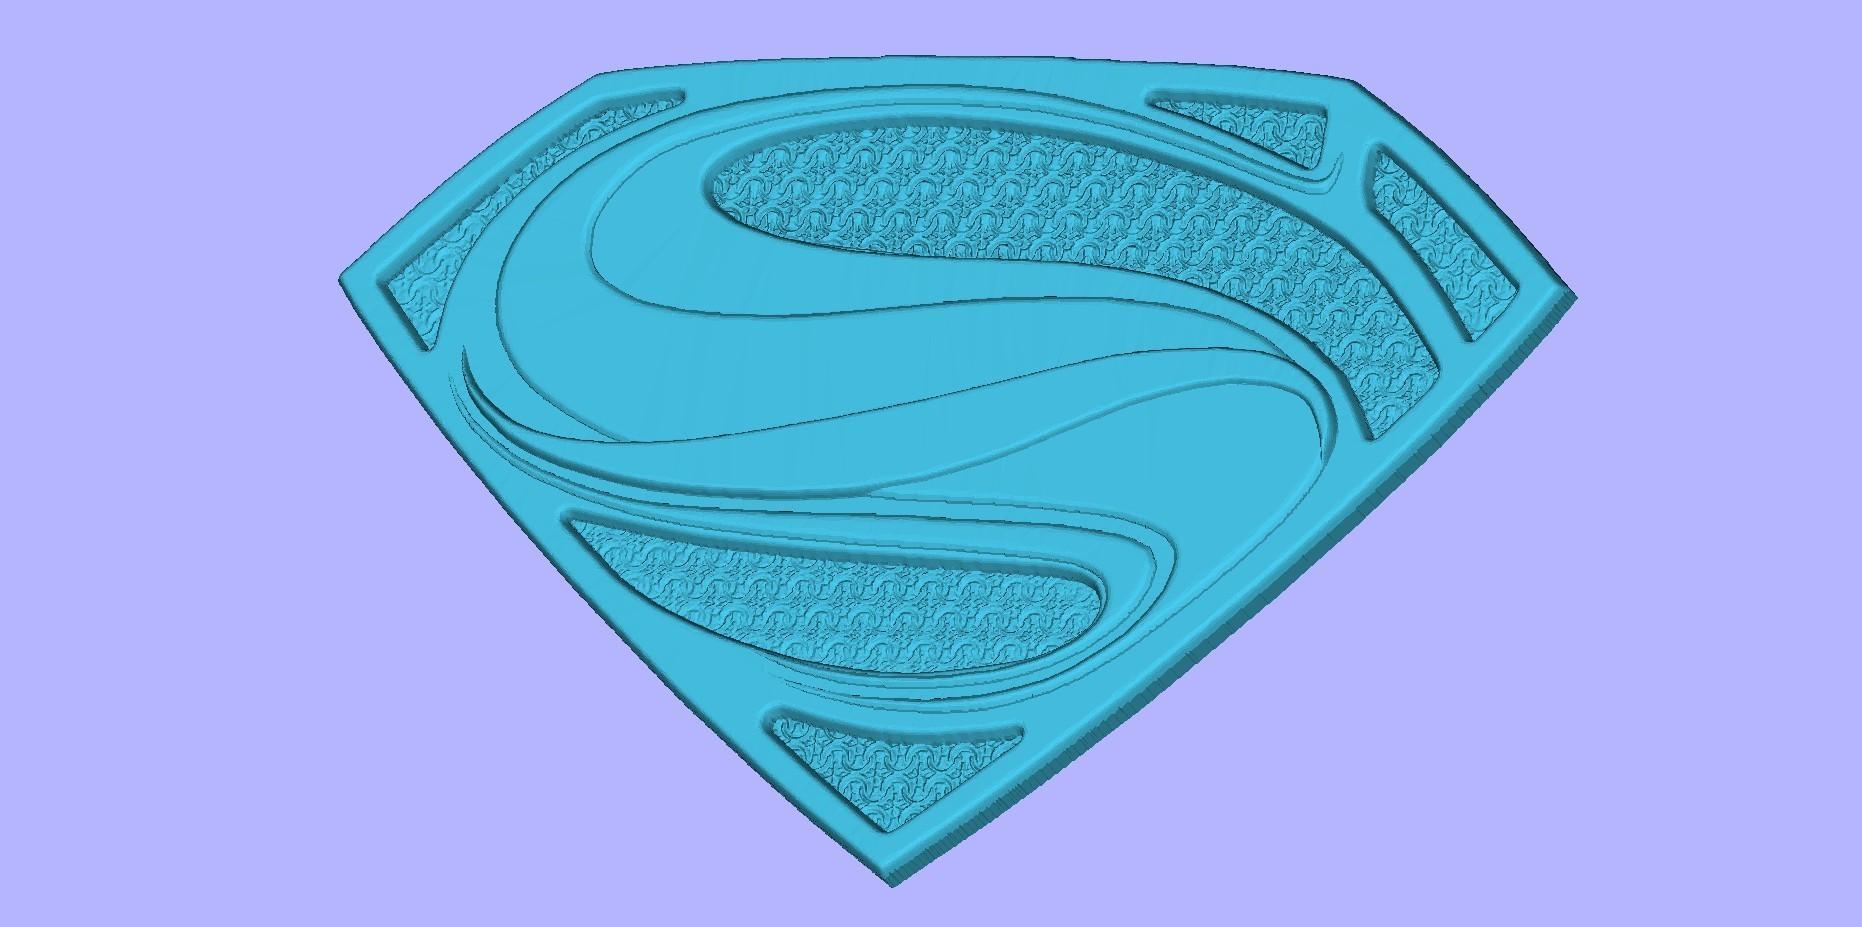 superman_justice_league_textured_back.jpg Télécharger fichier STL gratuit Superman • Plan à imprimer en 3D, i8bnsober